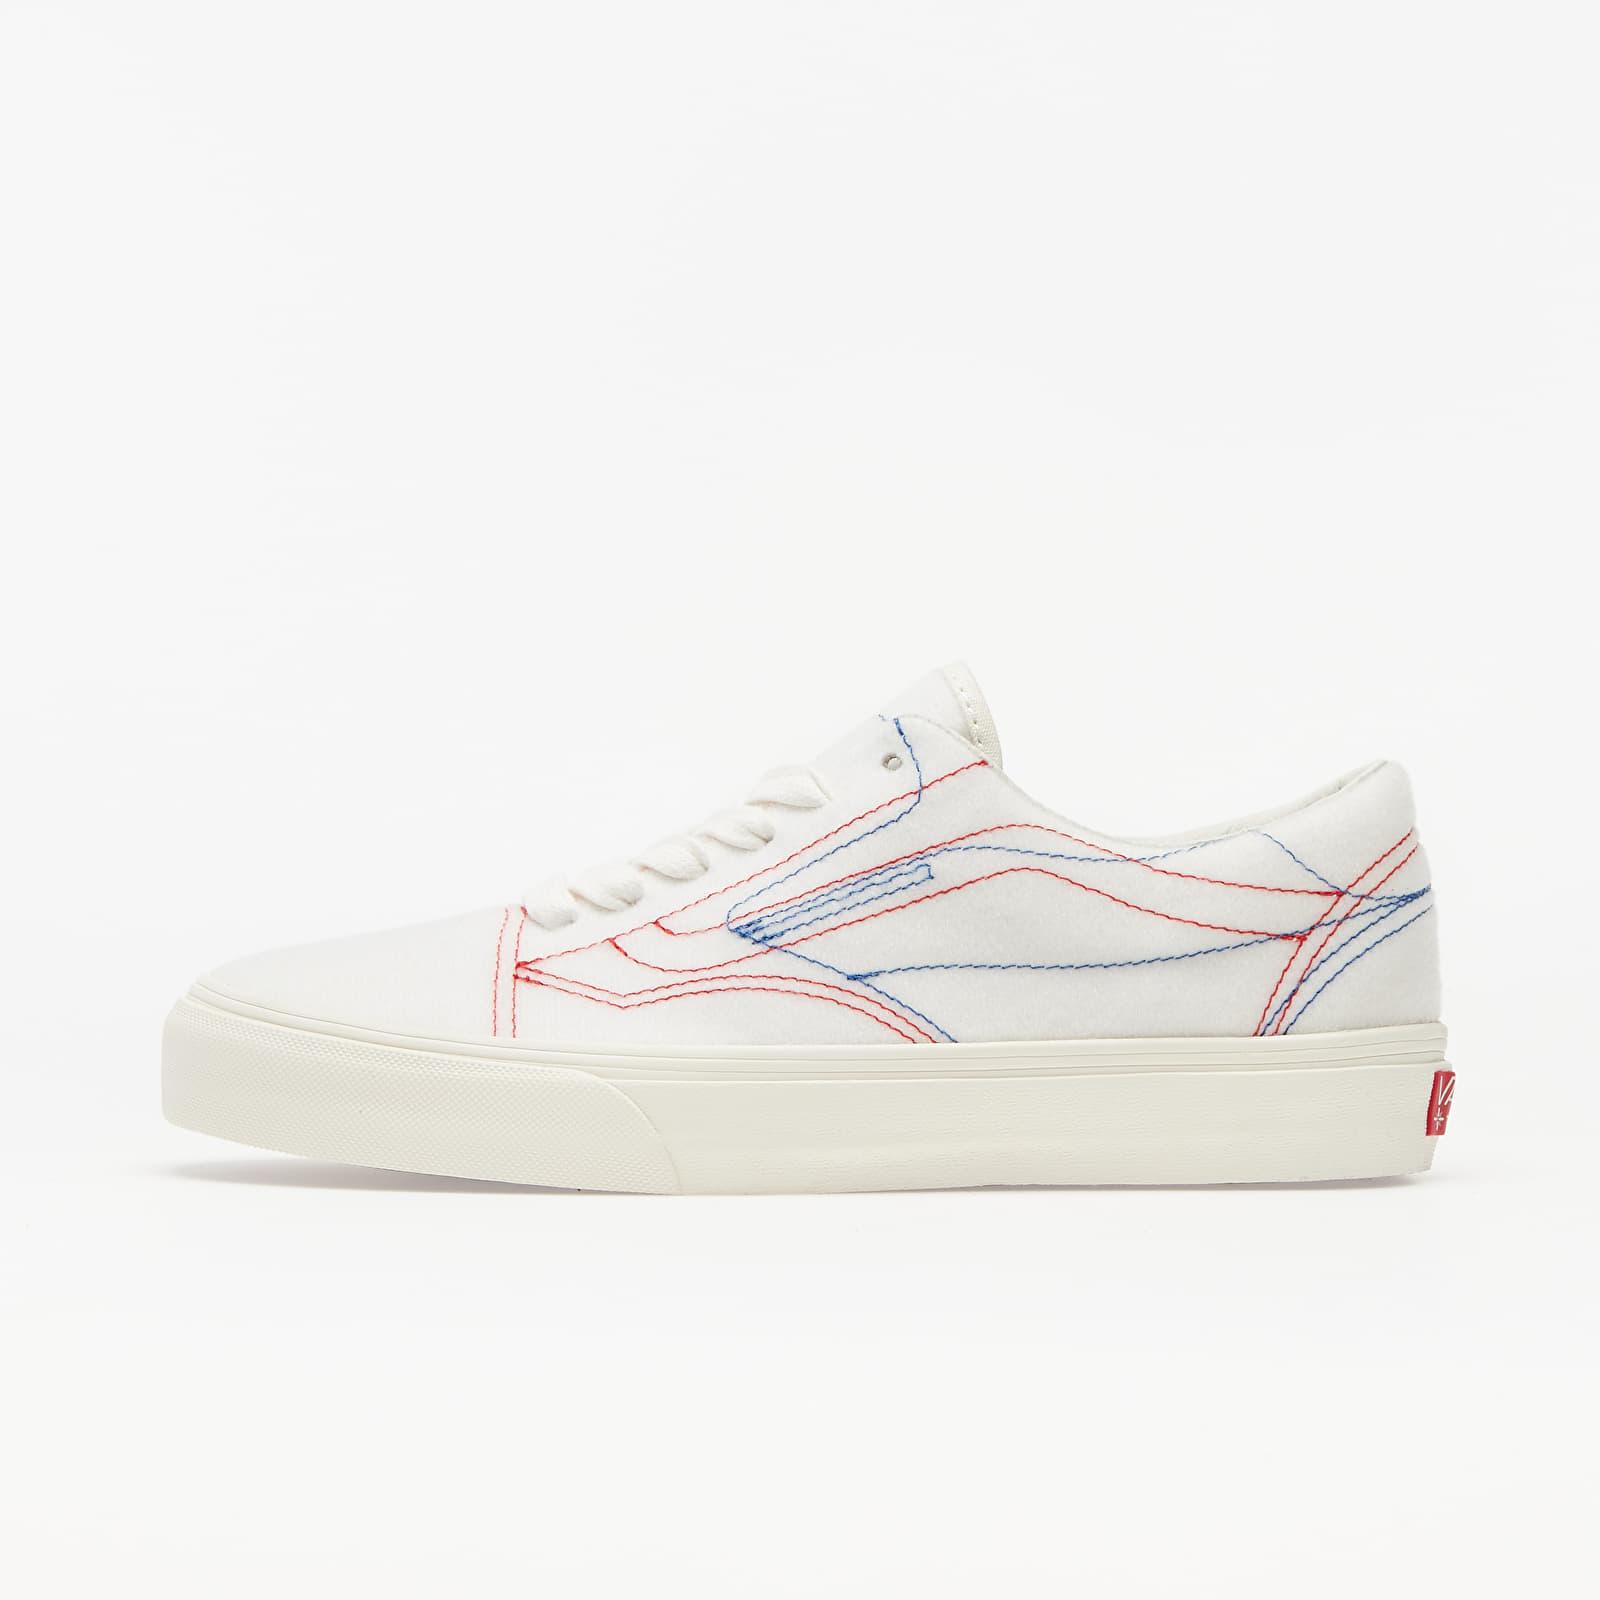 Încălțăminte și sneakerși pentru bărbați Vans x Taka Hayashi Diy Low VLT LX (H&L) Marshmallow/ Multi